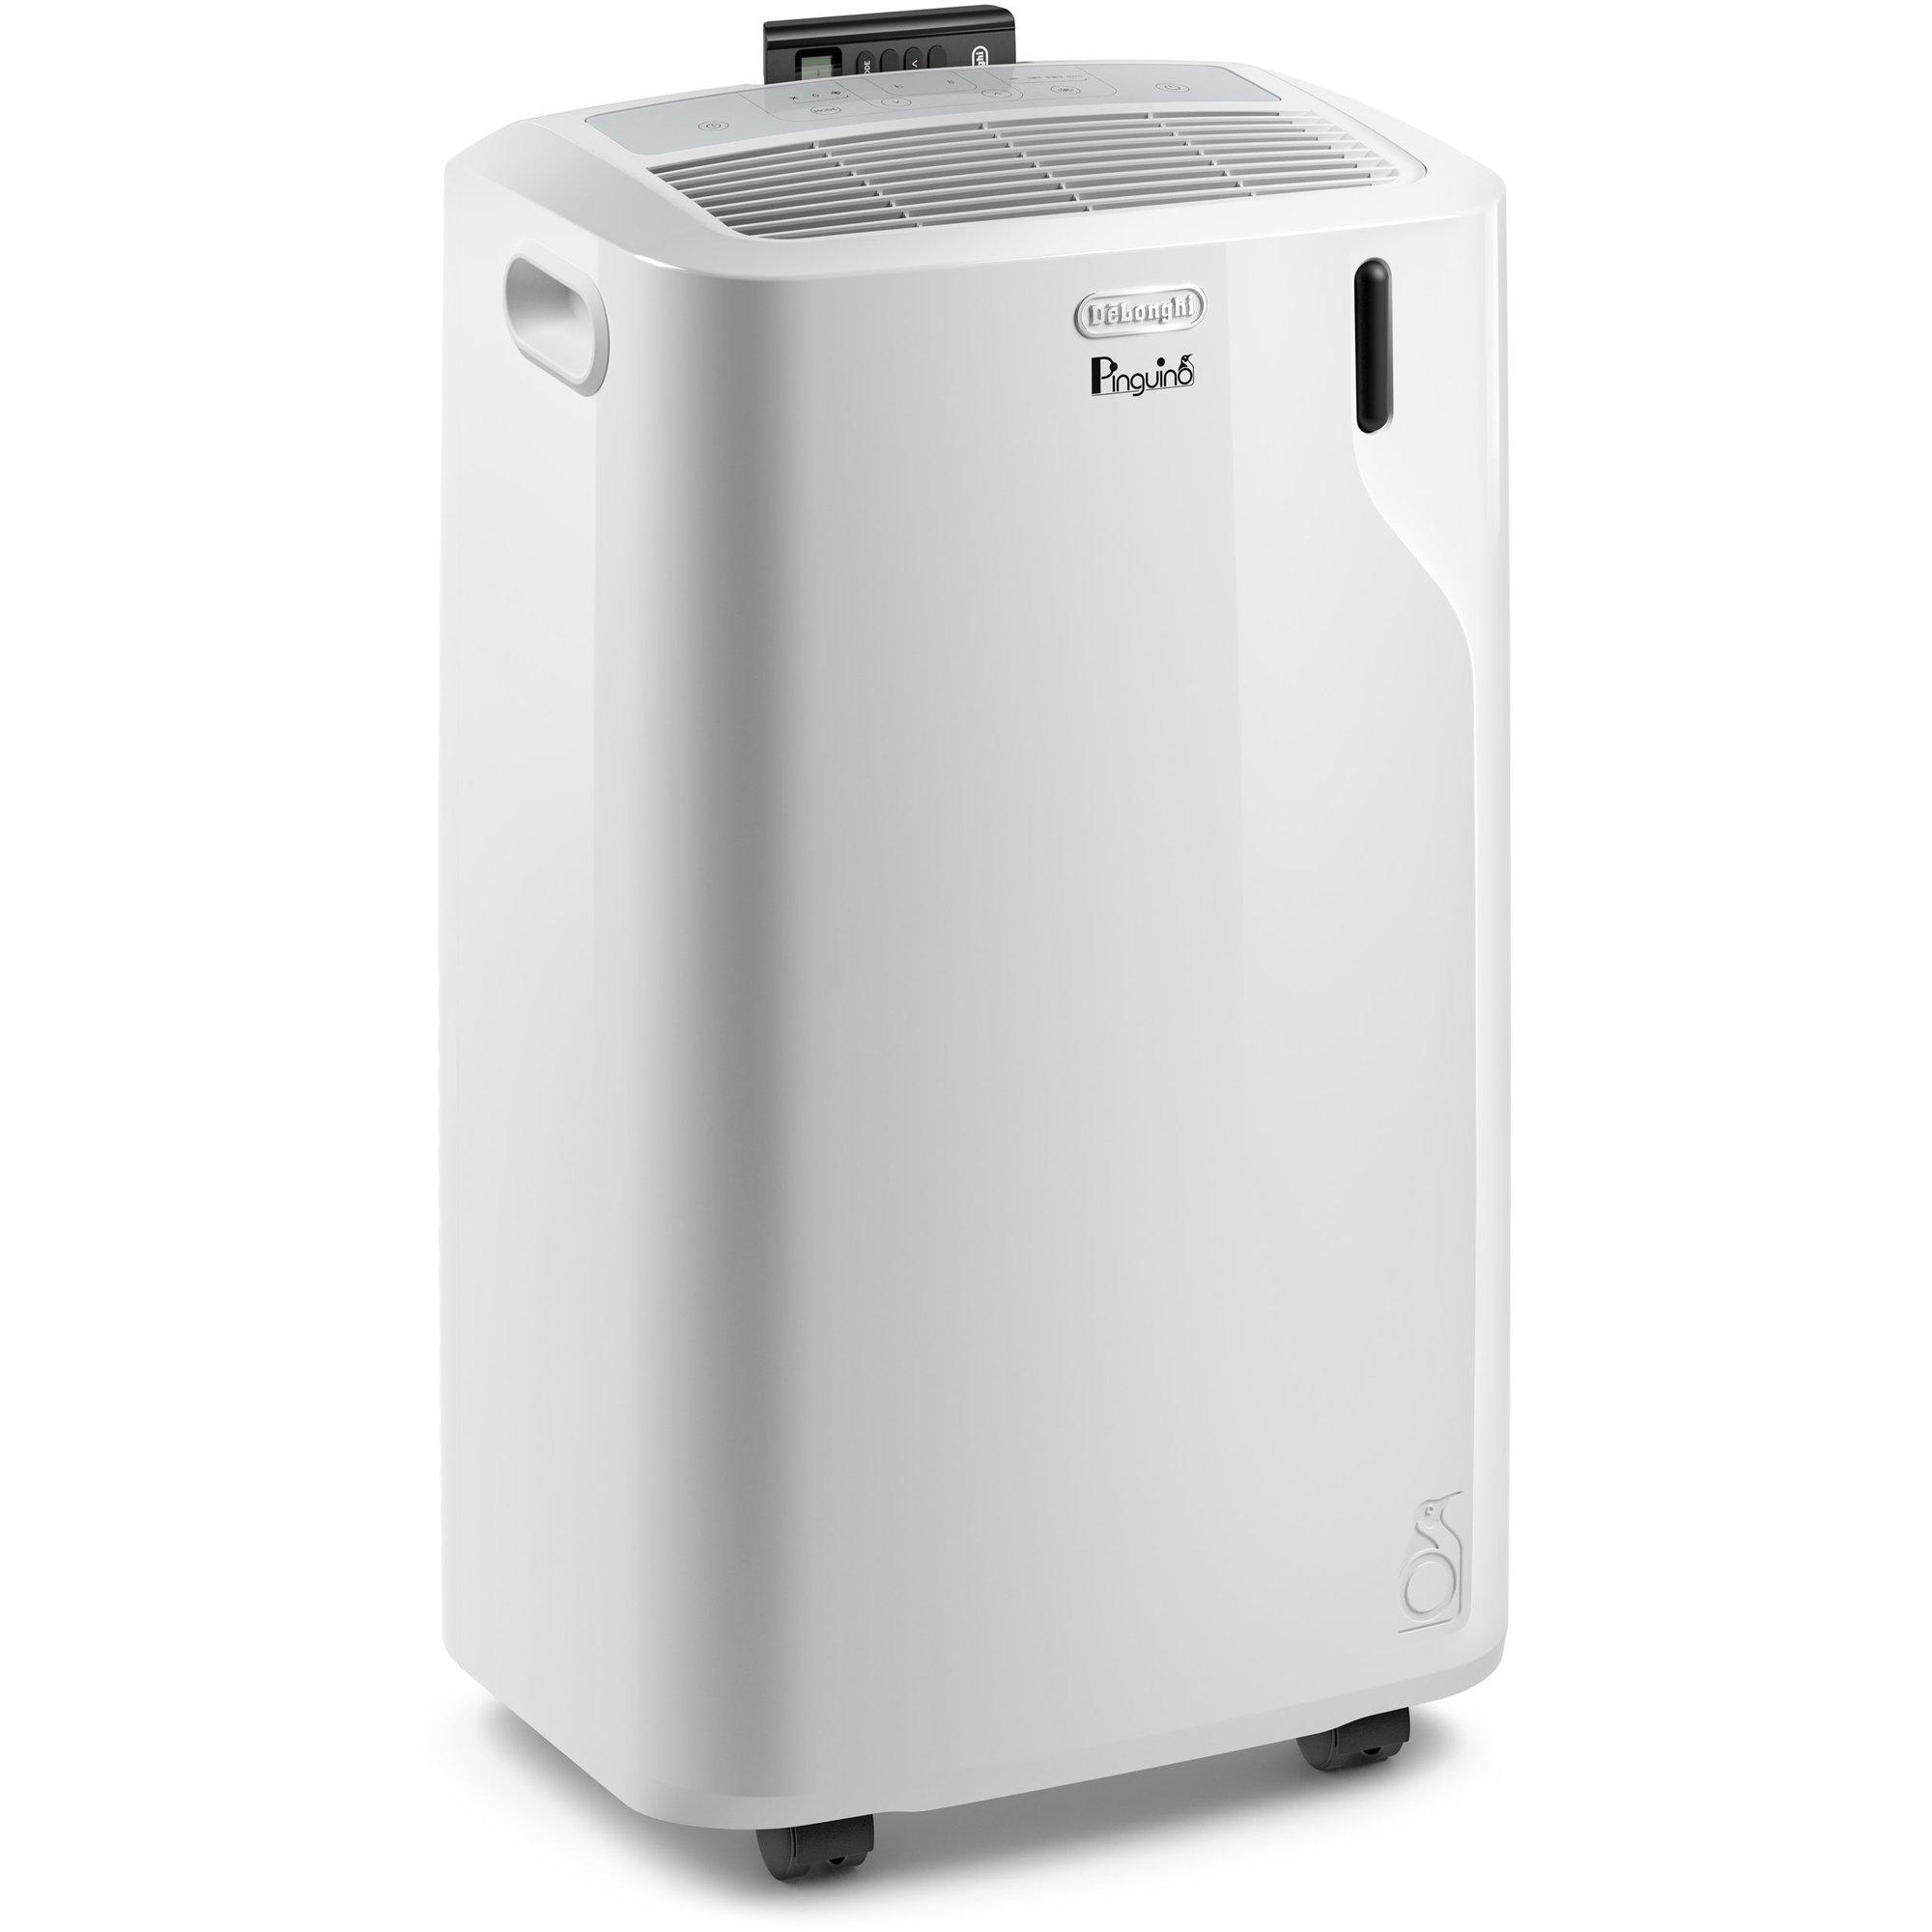 DeLonghi PAC EM77 Airconditioner